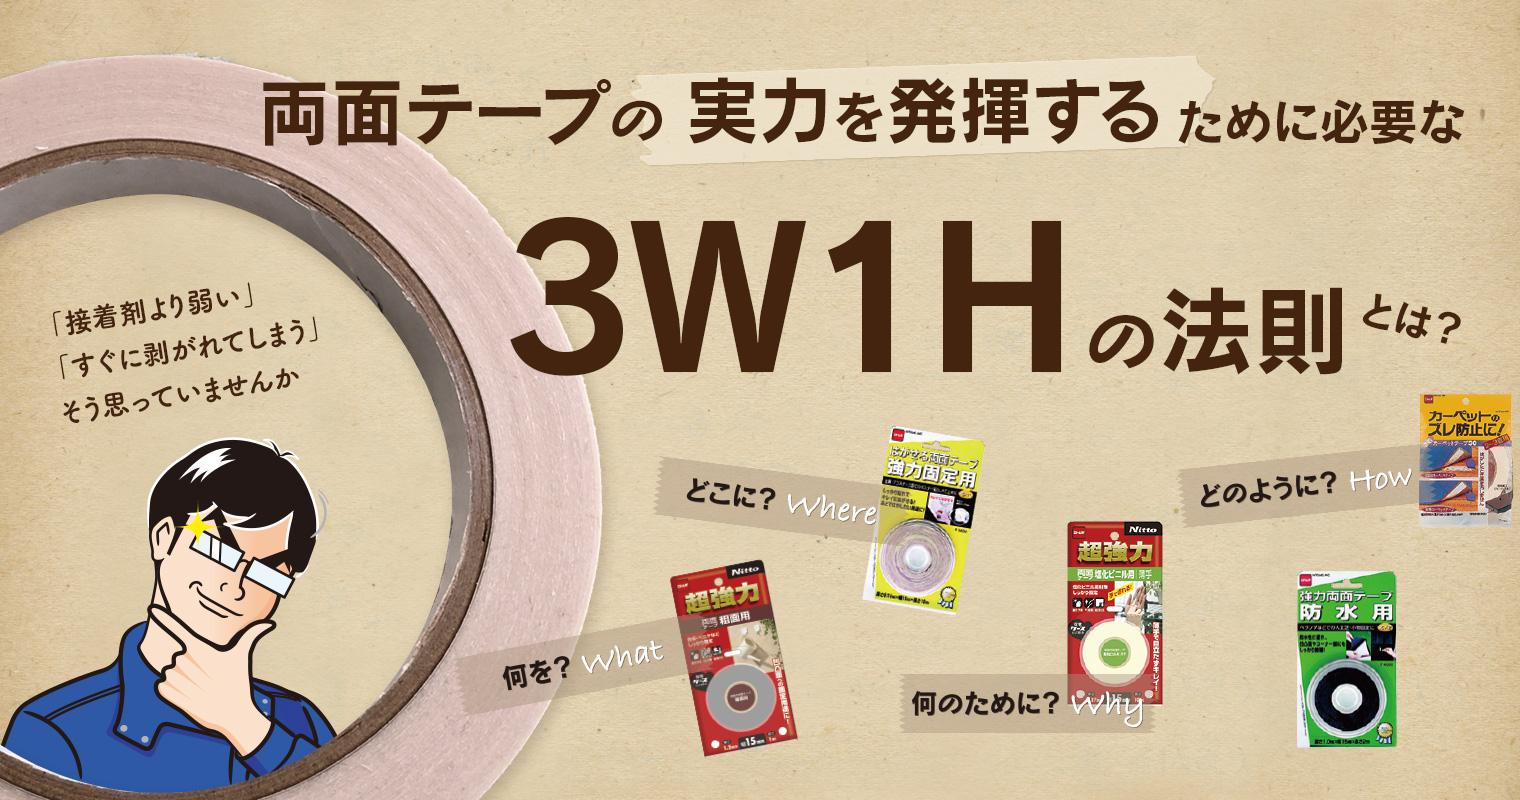 両面テープの実力を発揮するために必要な「3W1Hの法則」とは?